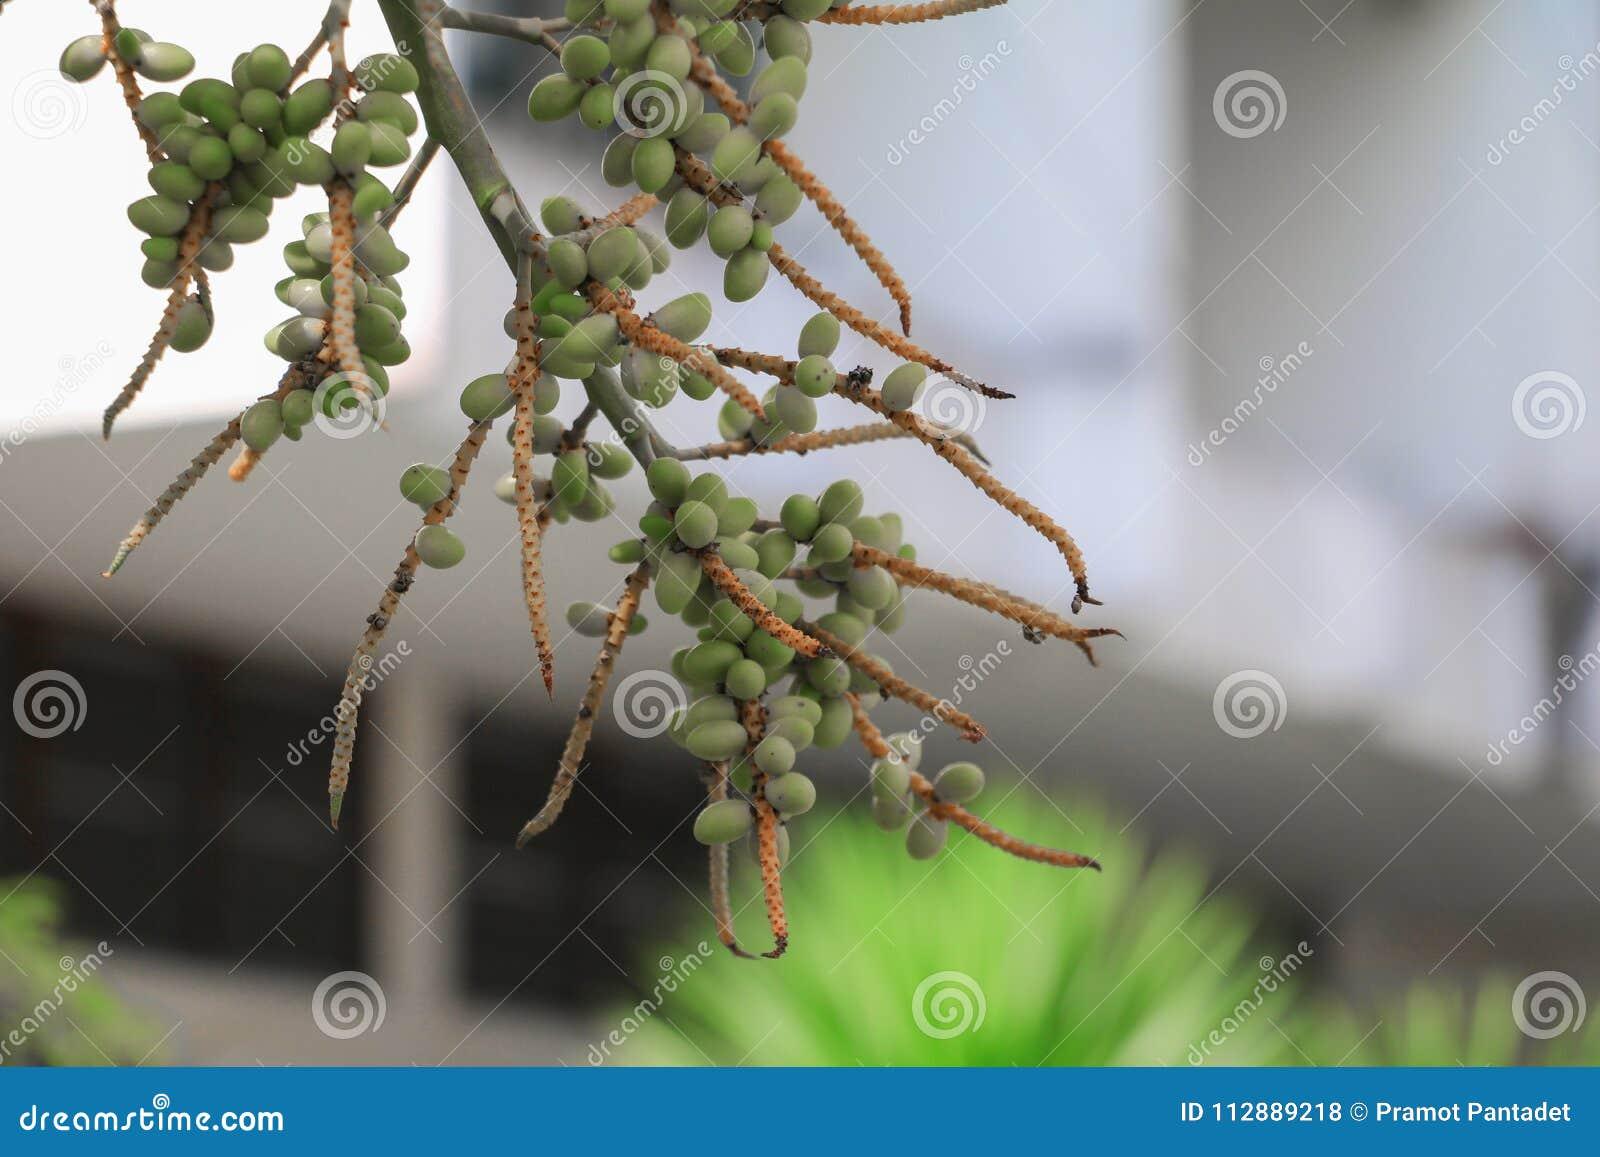 王侯唇膏棕榈封印,唇膏,王侯,大君园林植物在庭院里 选择与fie的浅深度的焦点